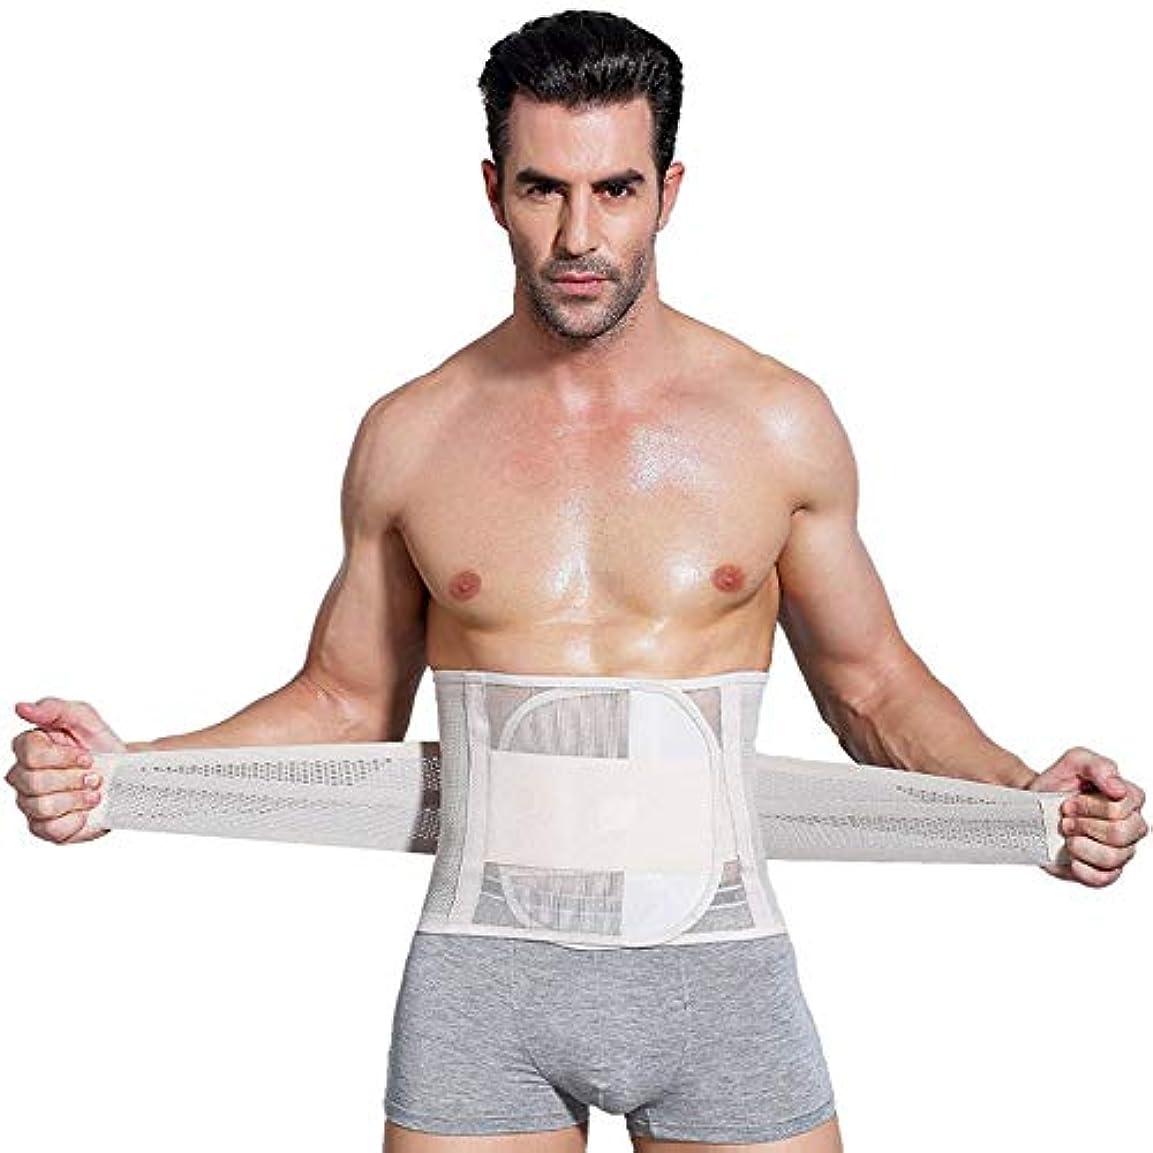 味ラバ腕男性ボディシェイパーコルセット腹部おなかコントロールウエストトレーナーニッパー脂肪燃焼ガードル痩身腹ベルト用男性 - 肌色M